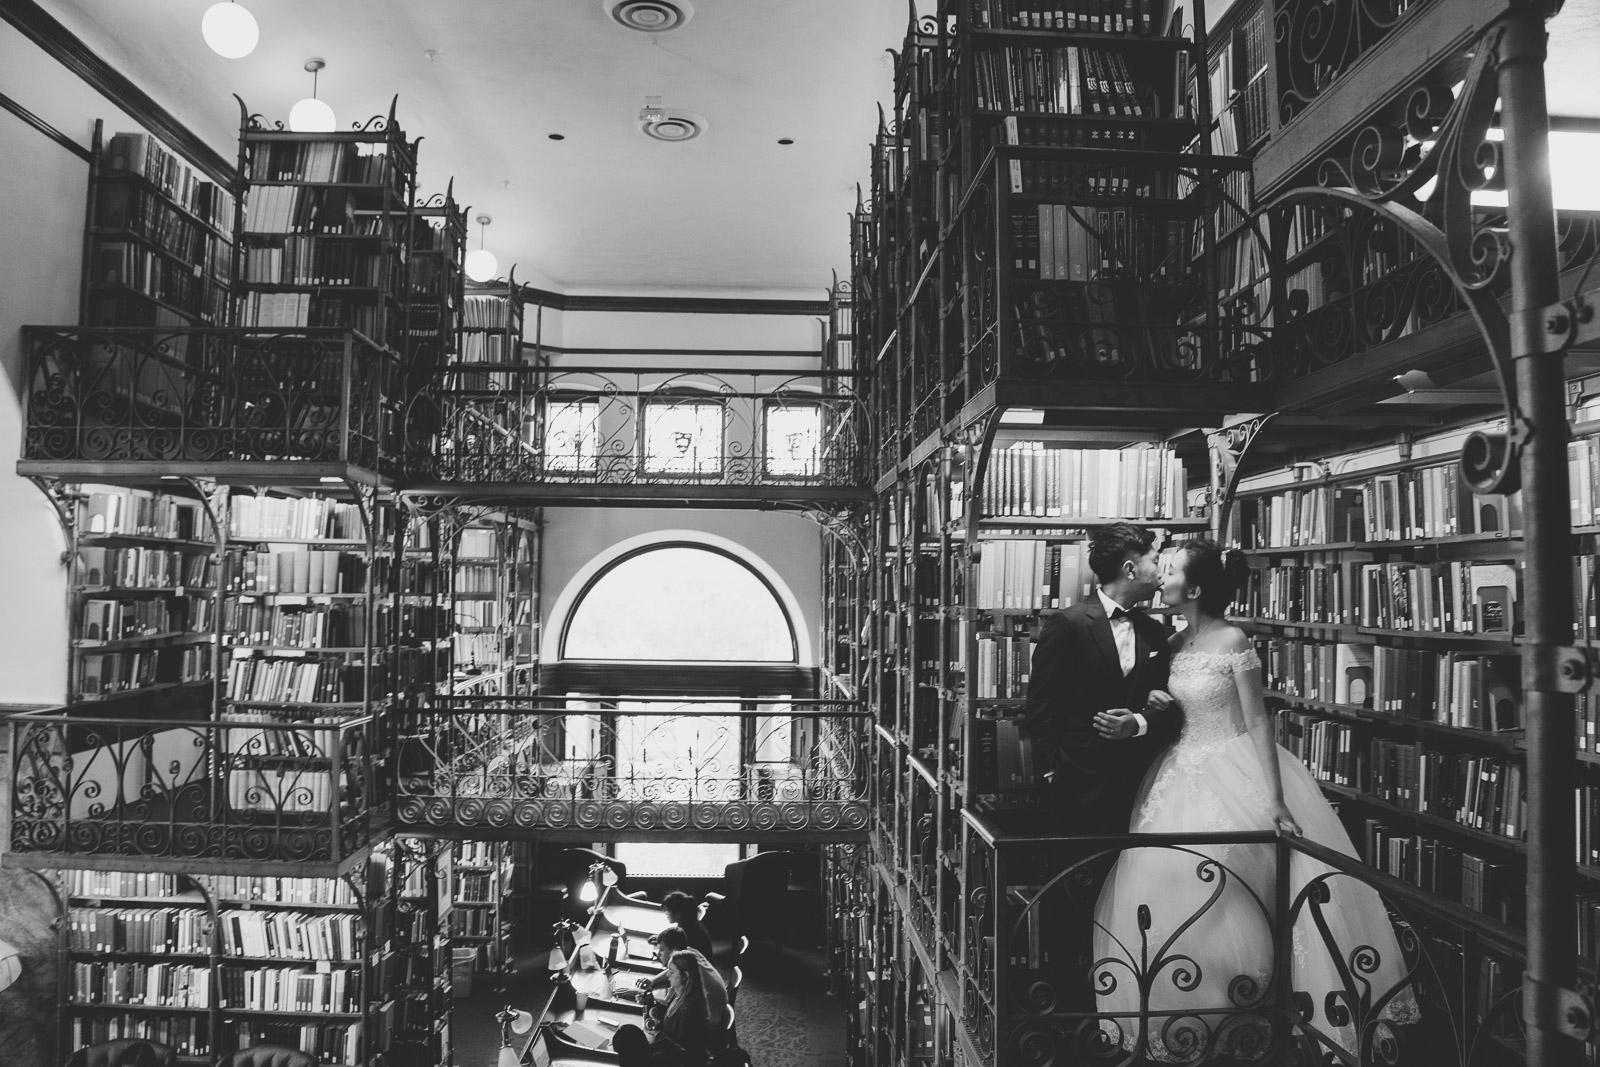 圖書館婚紗,圖書館婚紗攝影